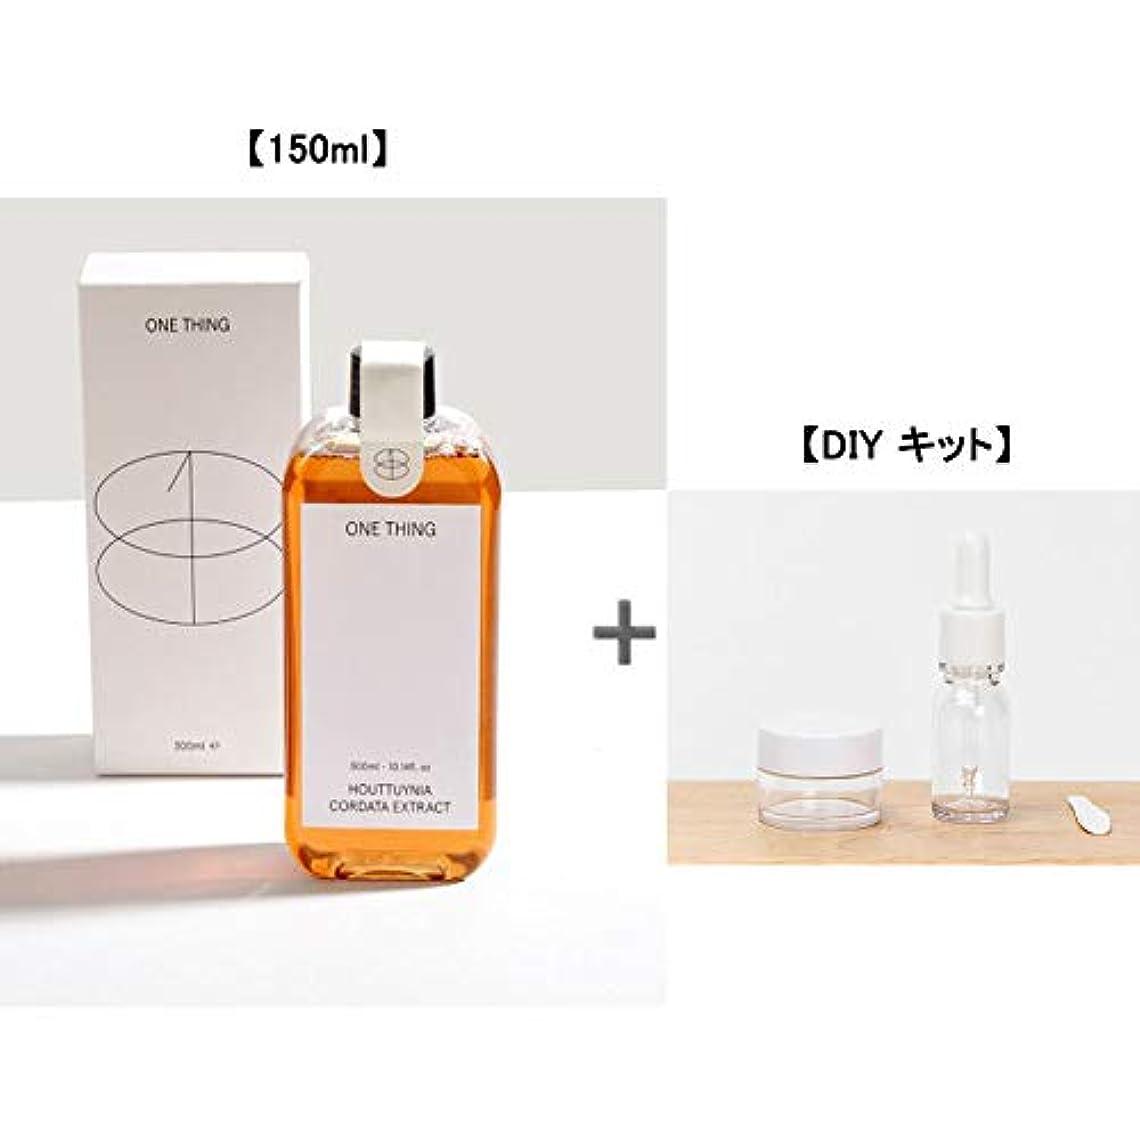 オピエートストラップ農民[ウォンシン]ドクダミエキス原液 150ml /トラブル性肌、頭皮ケアに効果的/化粧品に混ぜて使用可能[並行輸入品] (ドクダミ 原液 150ml + DIY 3種キット)